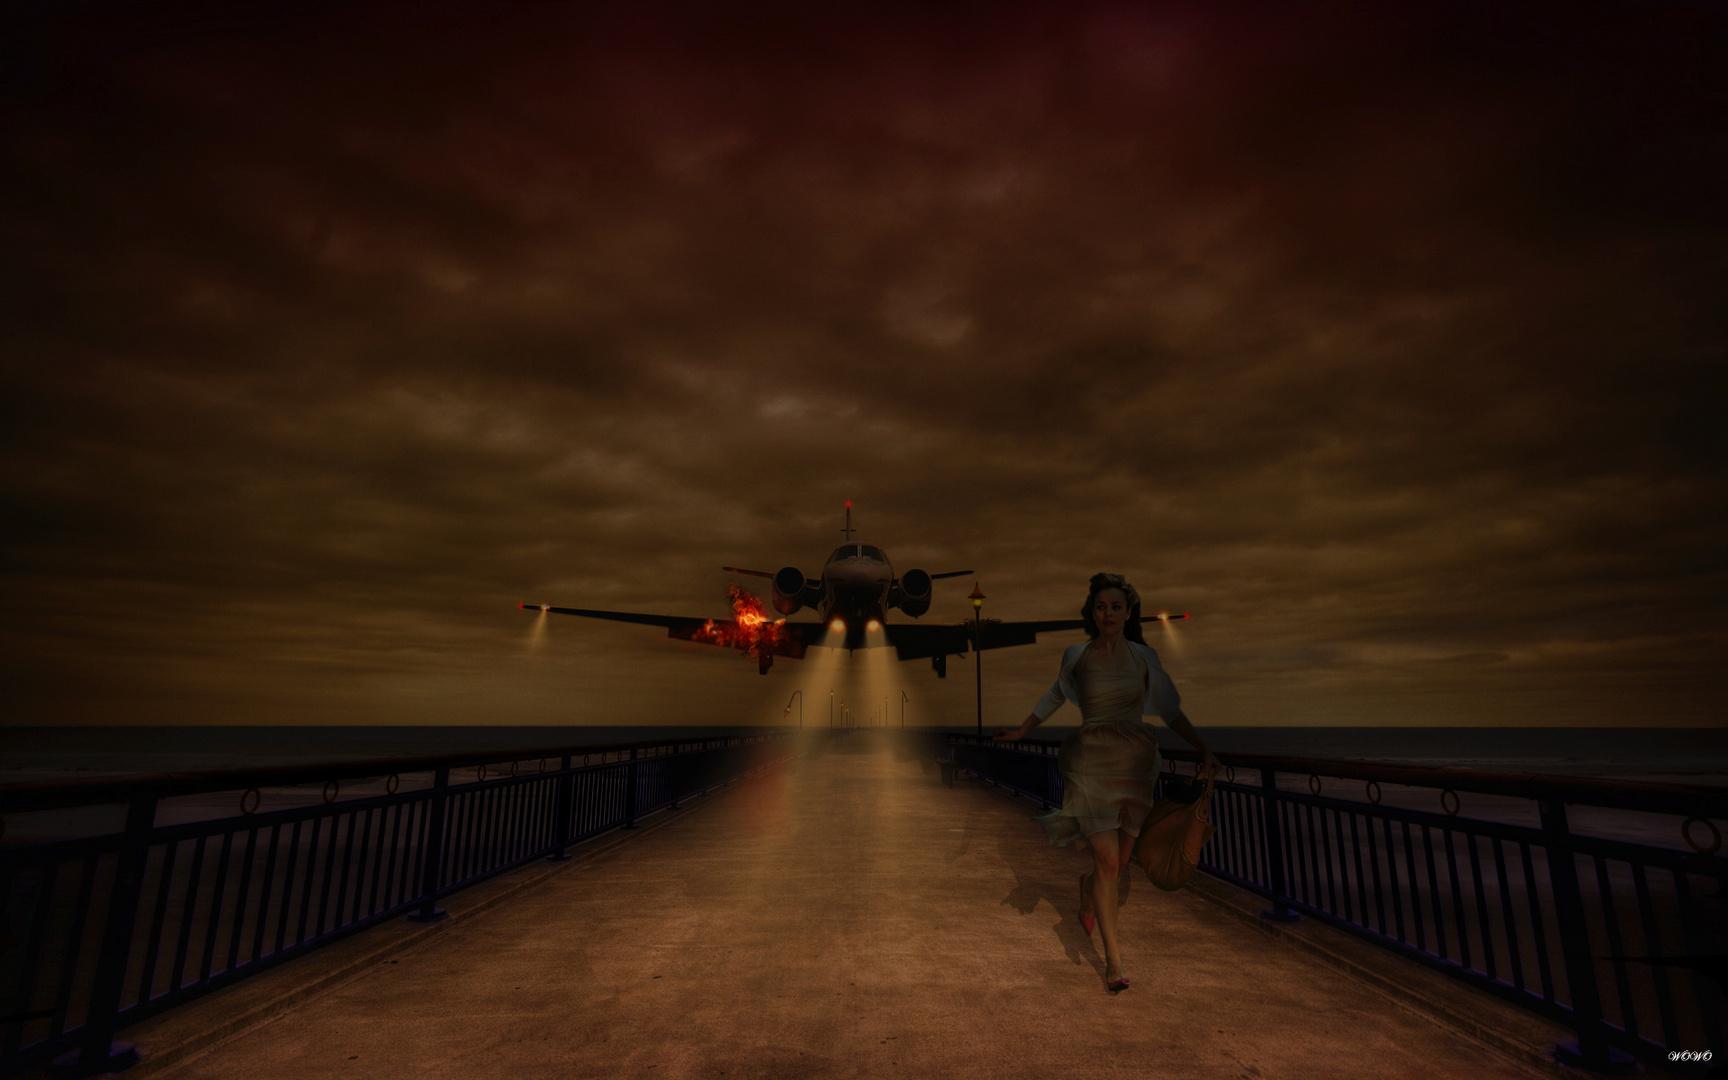 * Landeanflug